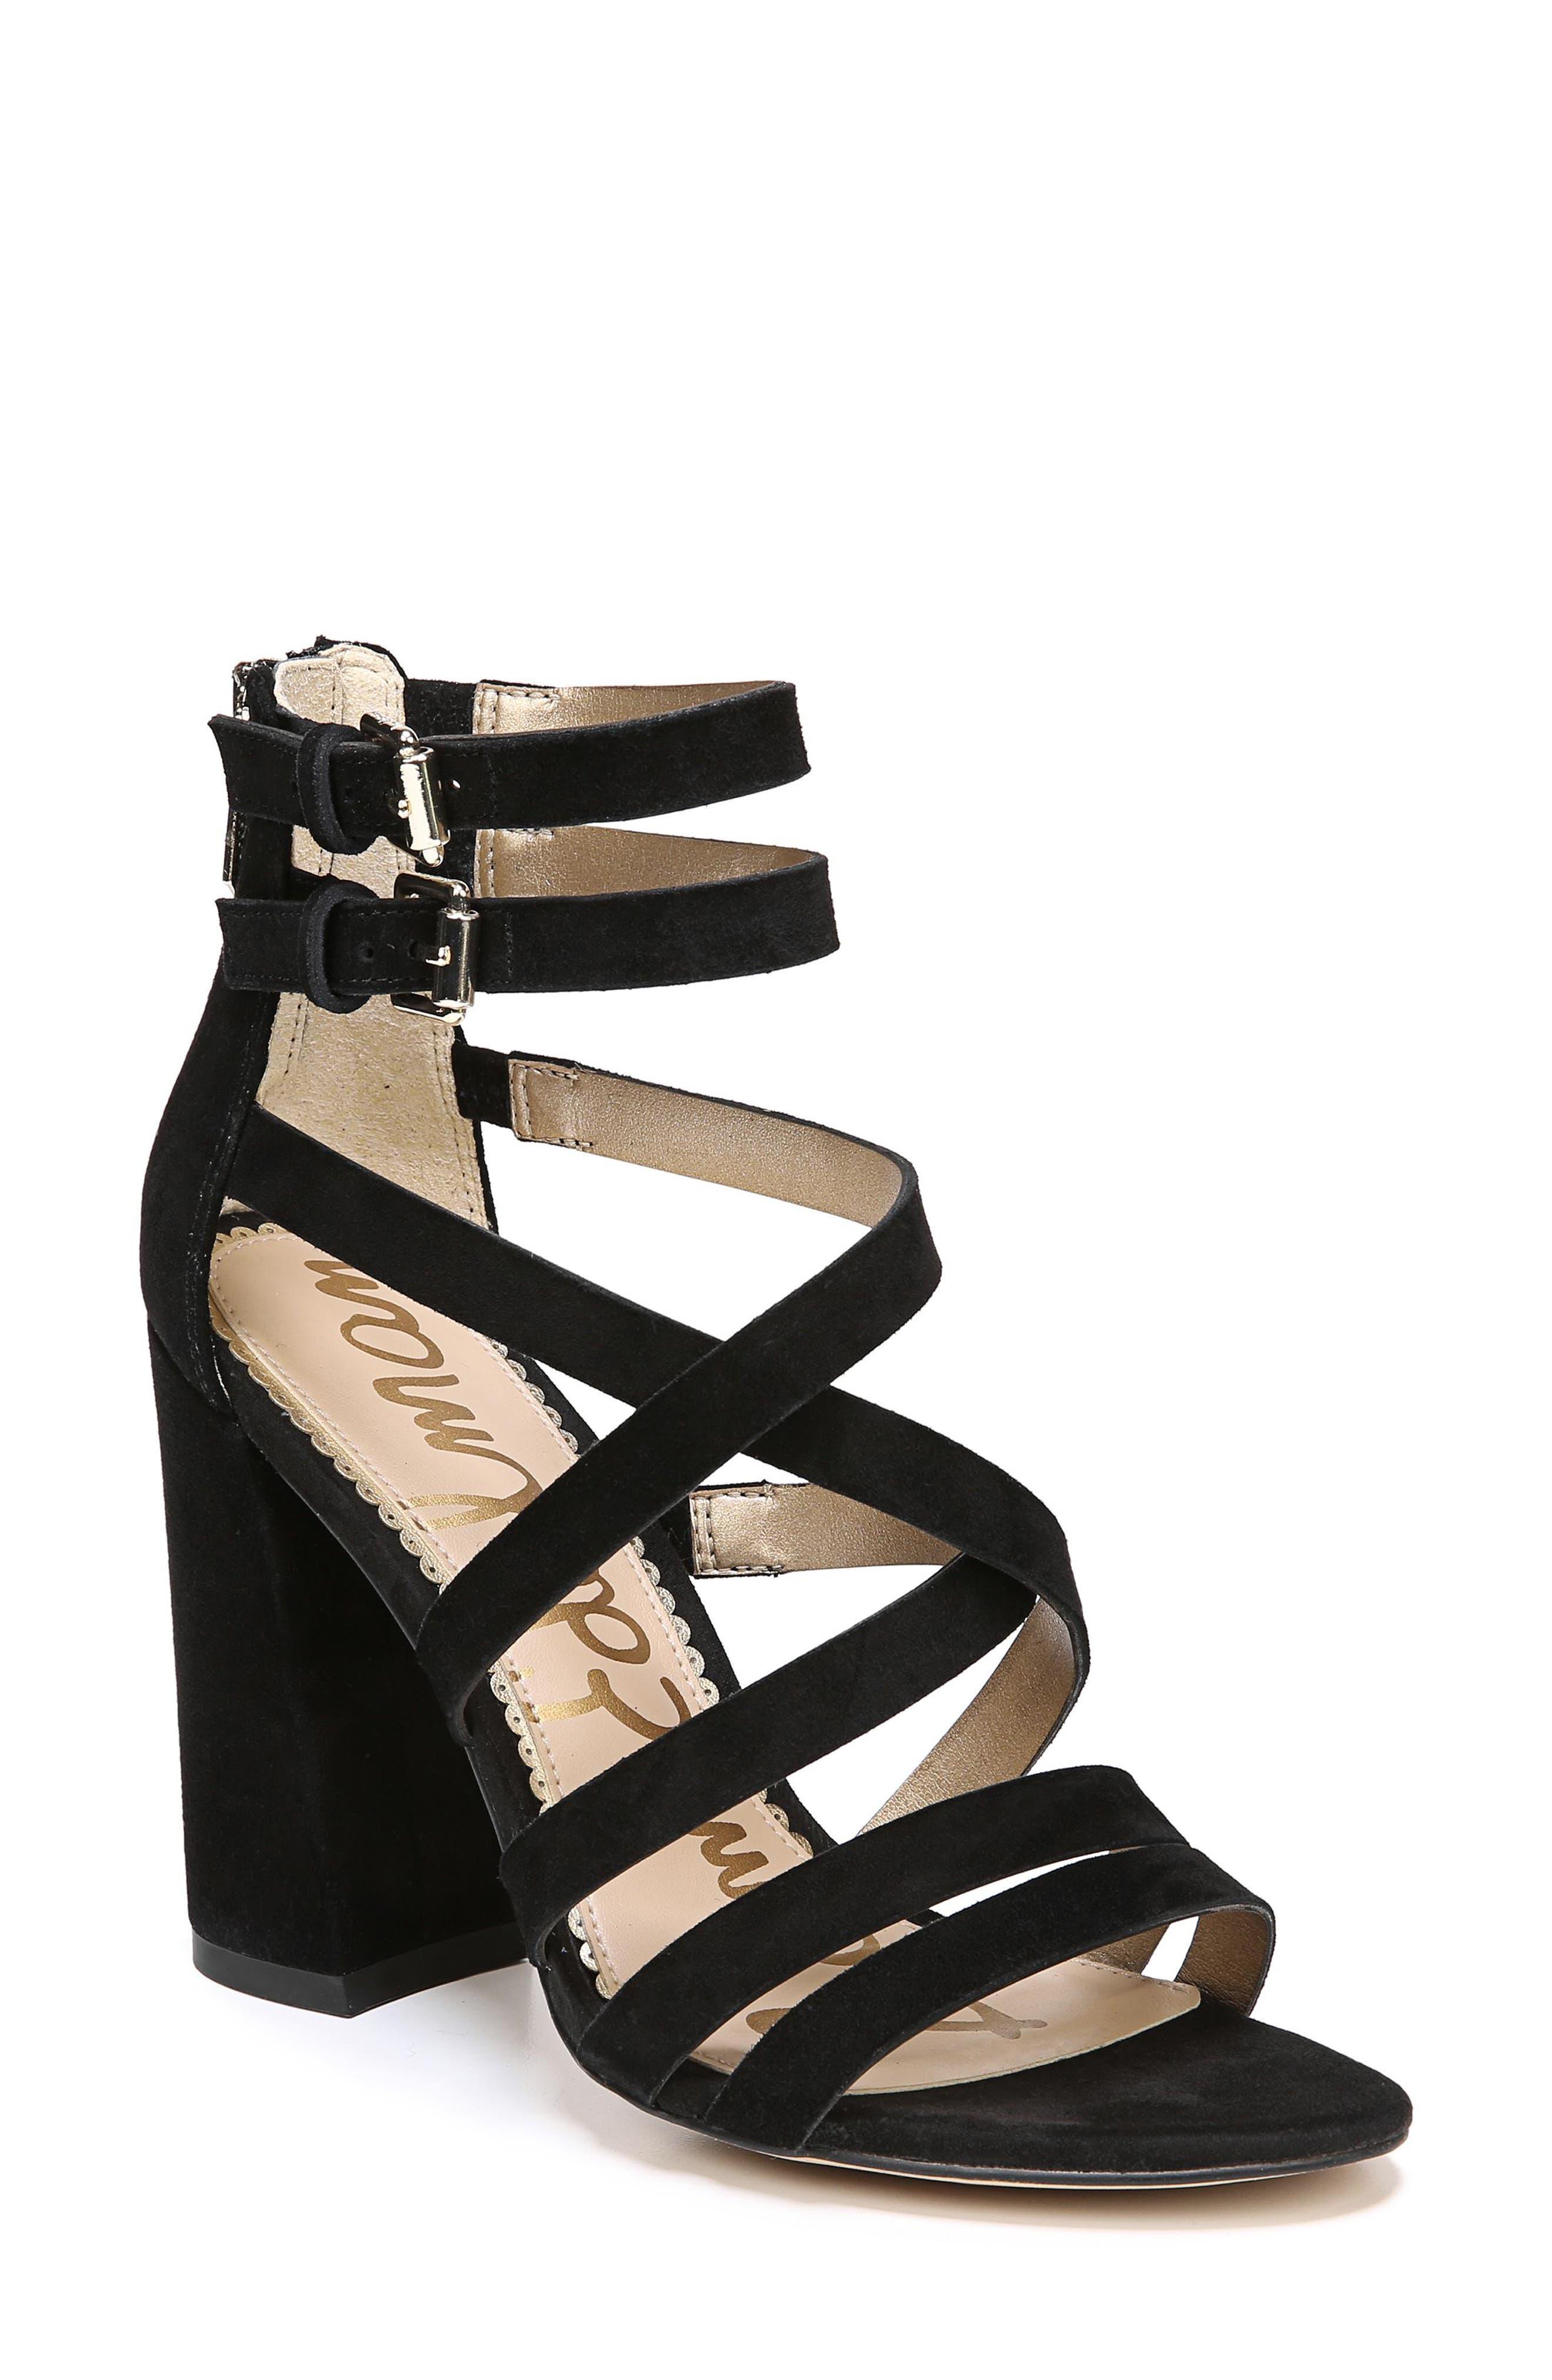 Yema Block Heel Sandal,                             Main thumbnail 1, color,                             BLACK SUEDE